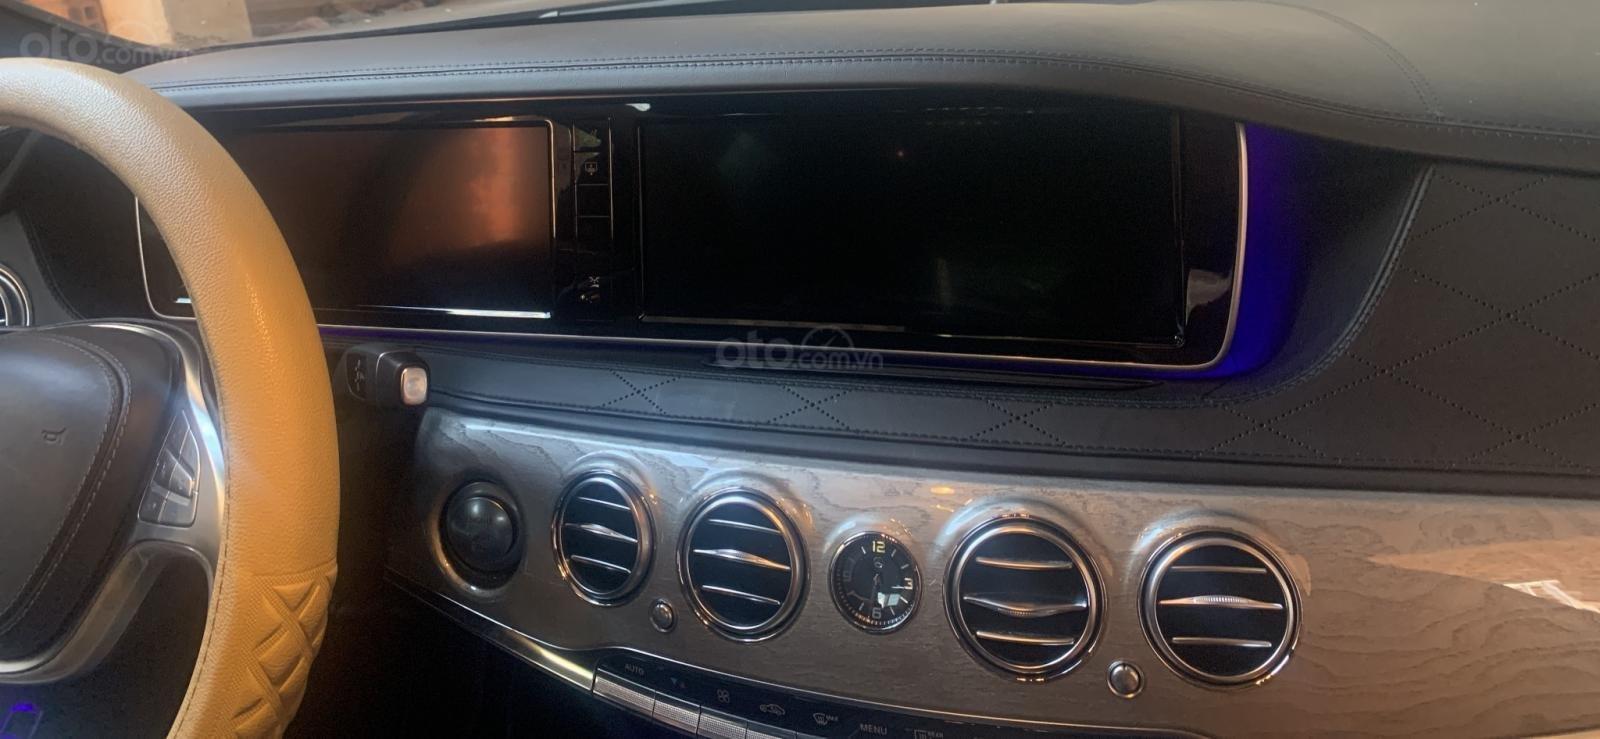 Gia đình chính chủ cần bán xe Mercedes S500, xe mới giá cũ 2tỷ 950tr (2)